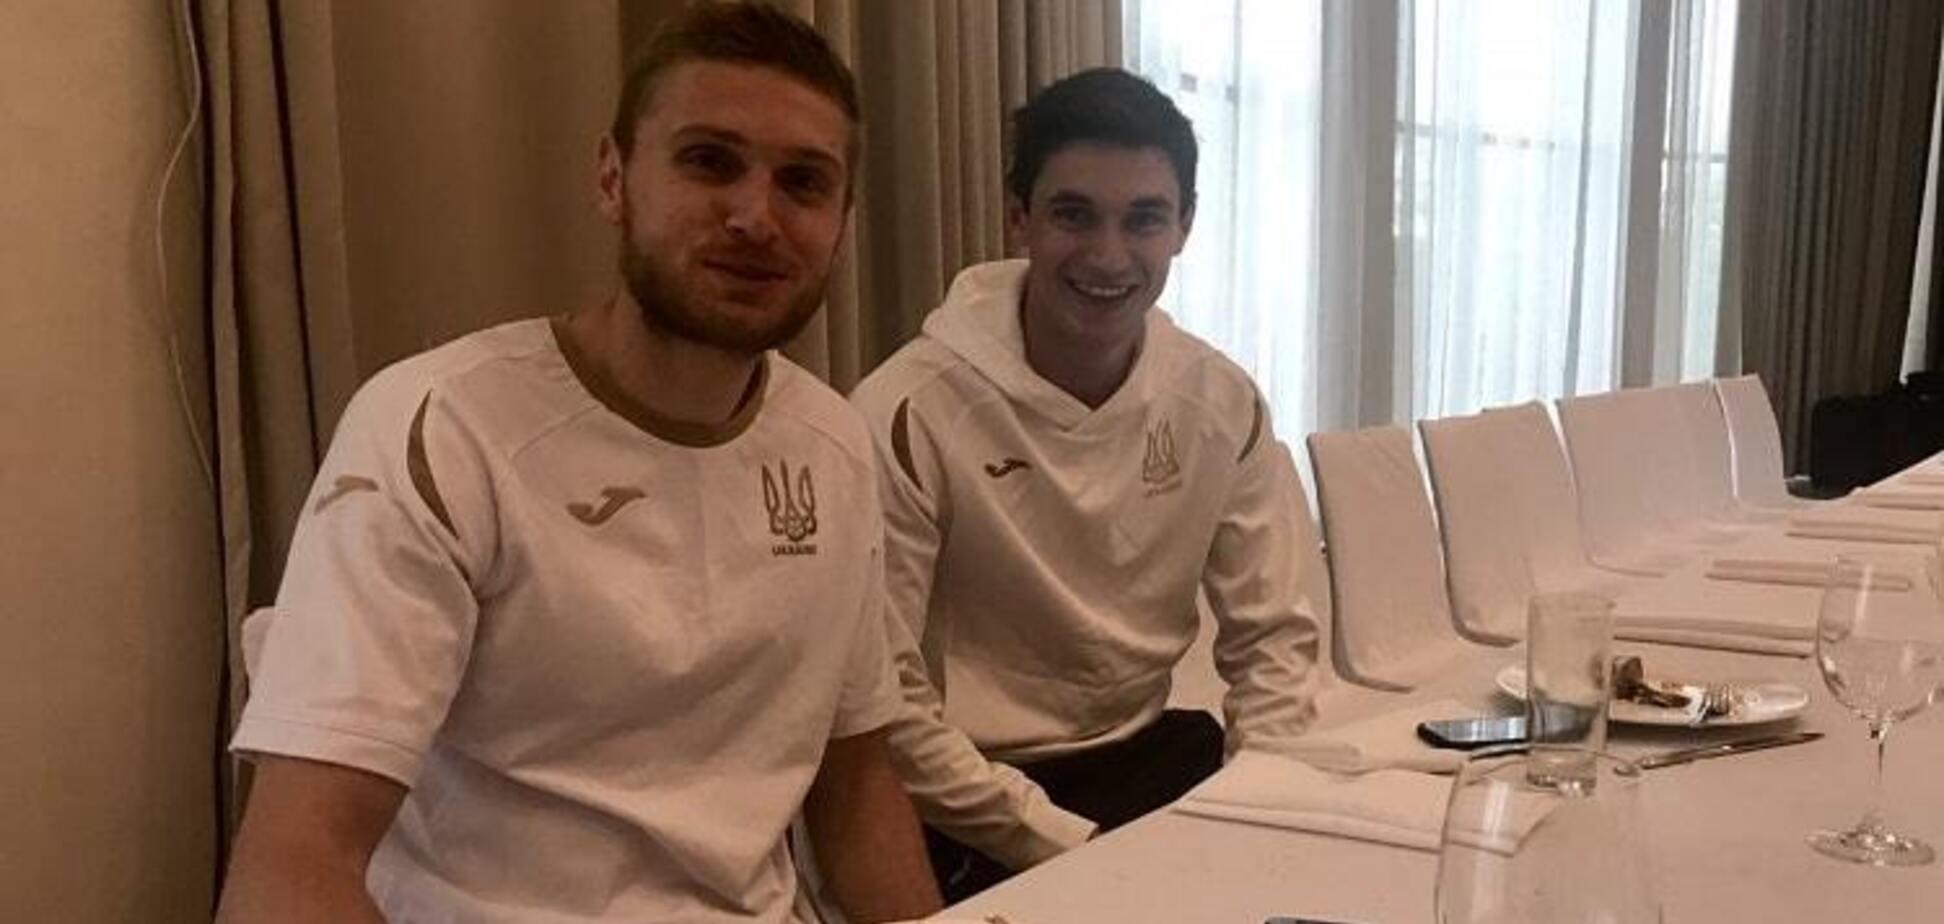 'Там же сидит мать...' Футболист сборной Украины пожалел россиян на Донбассе